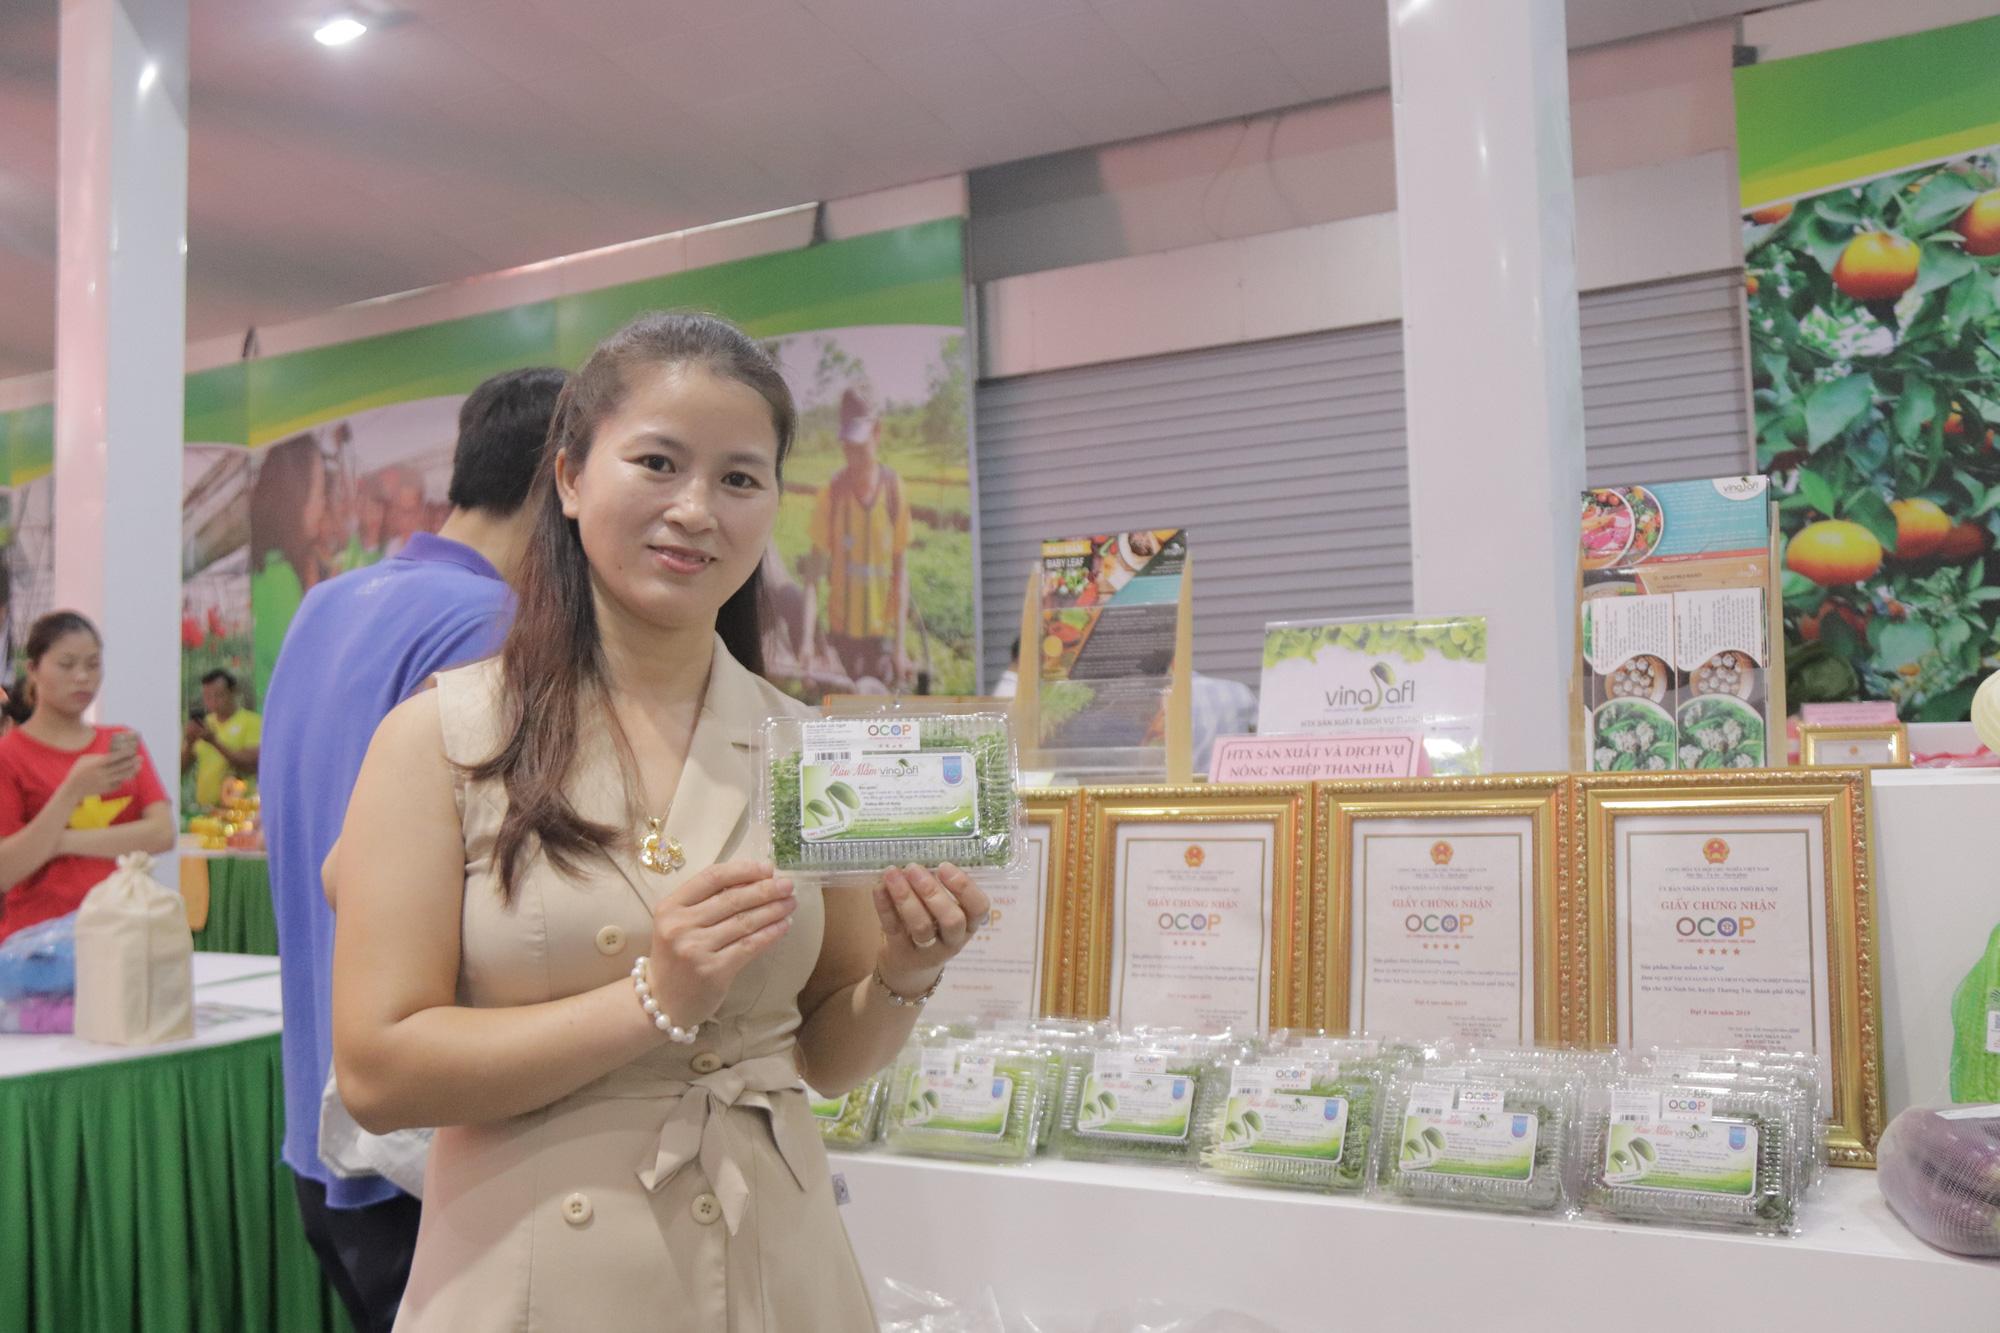 Hà Nội: Quyết định công nhận 301 sản phẩm đạt sao OCOP, cơ hội thúc đẩy tiêu thụ sản phẩm - Ảnh 4.